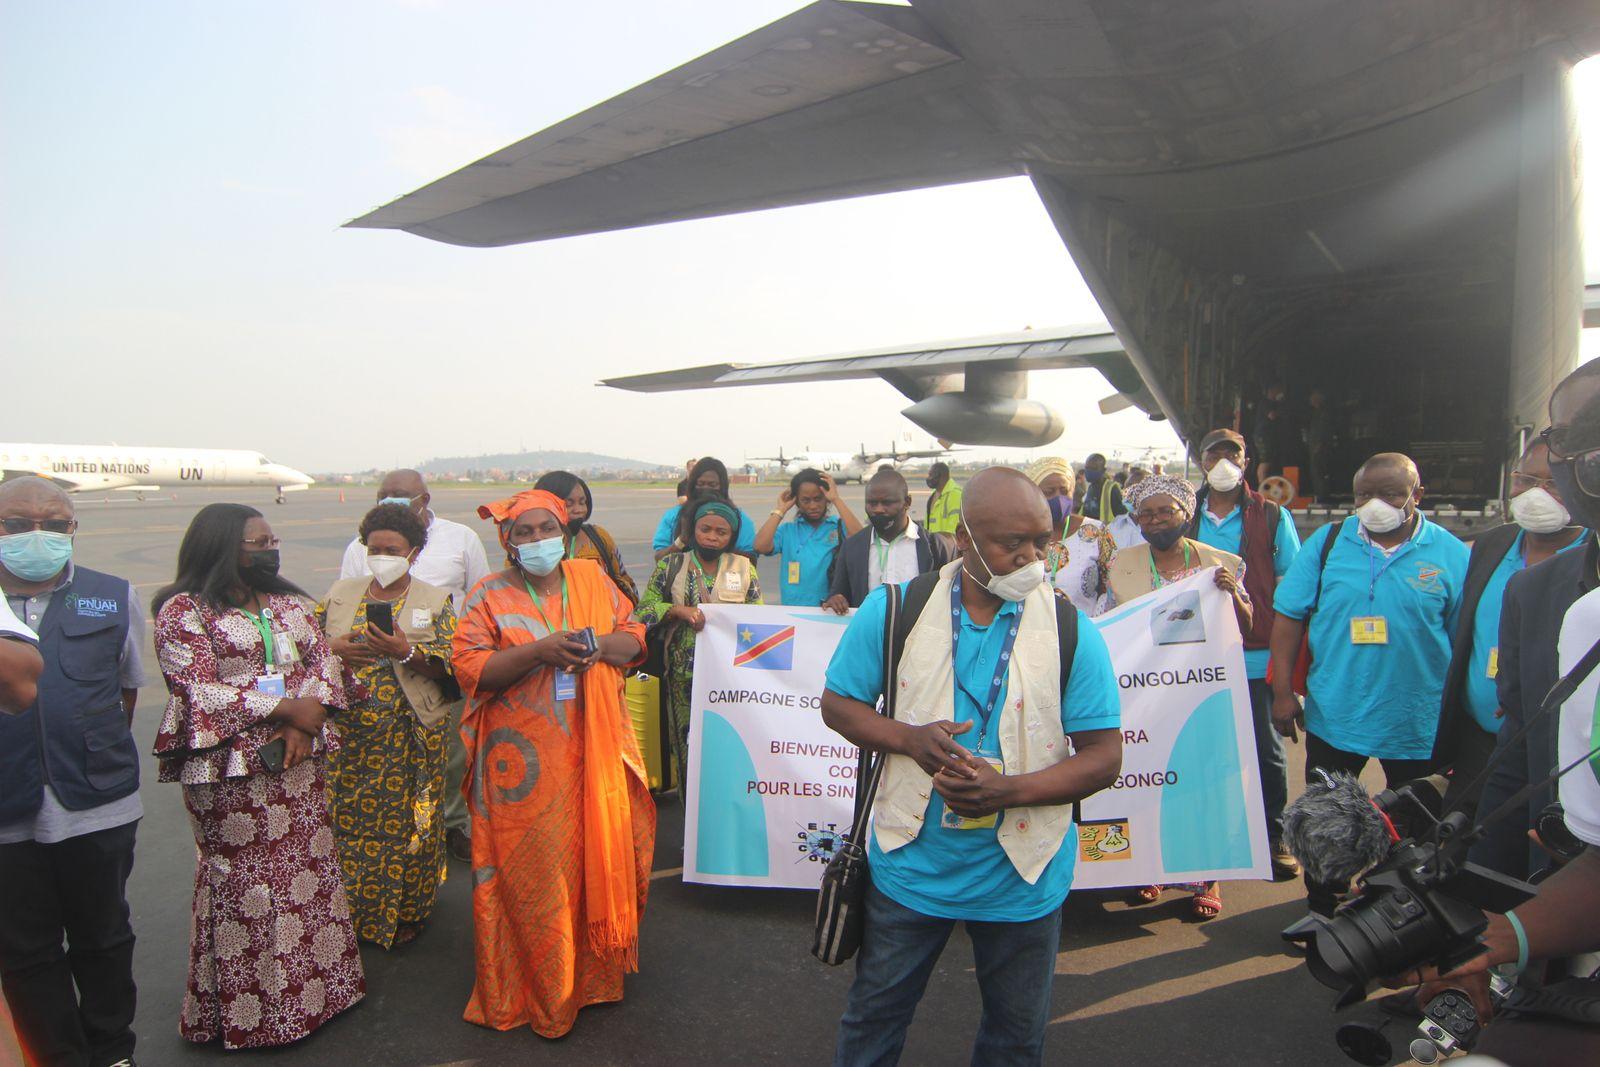 Vidéo. Arrivée à Goma depuis Bruxelles, des membres de SOS Goma 2021